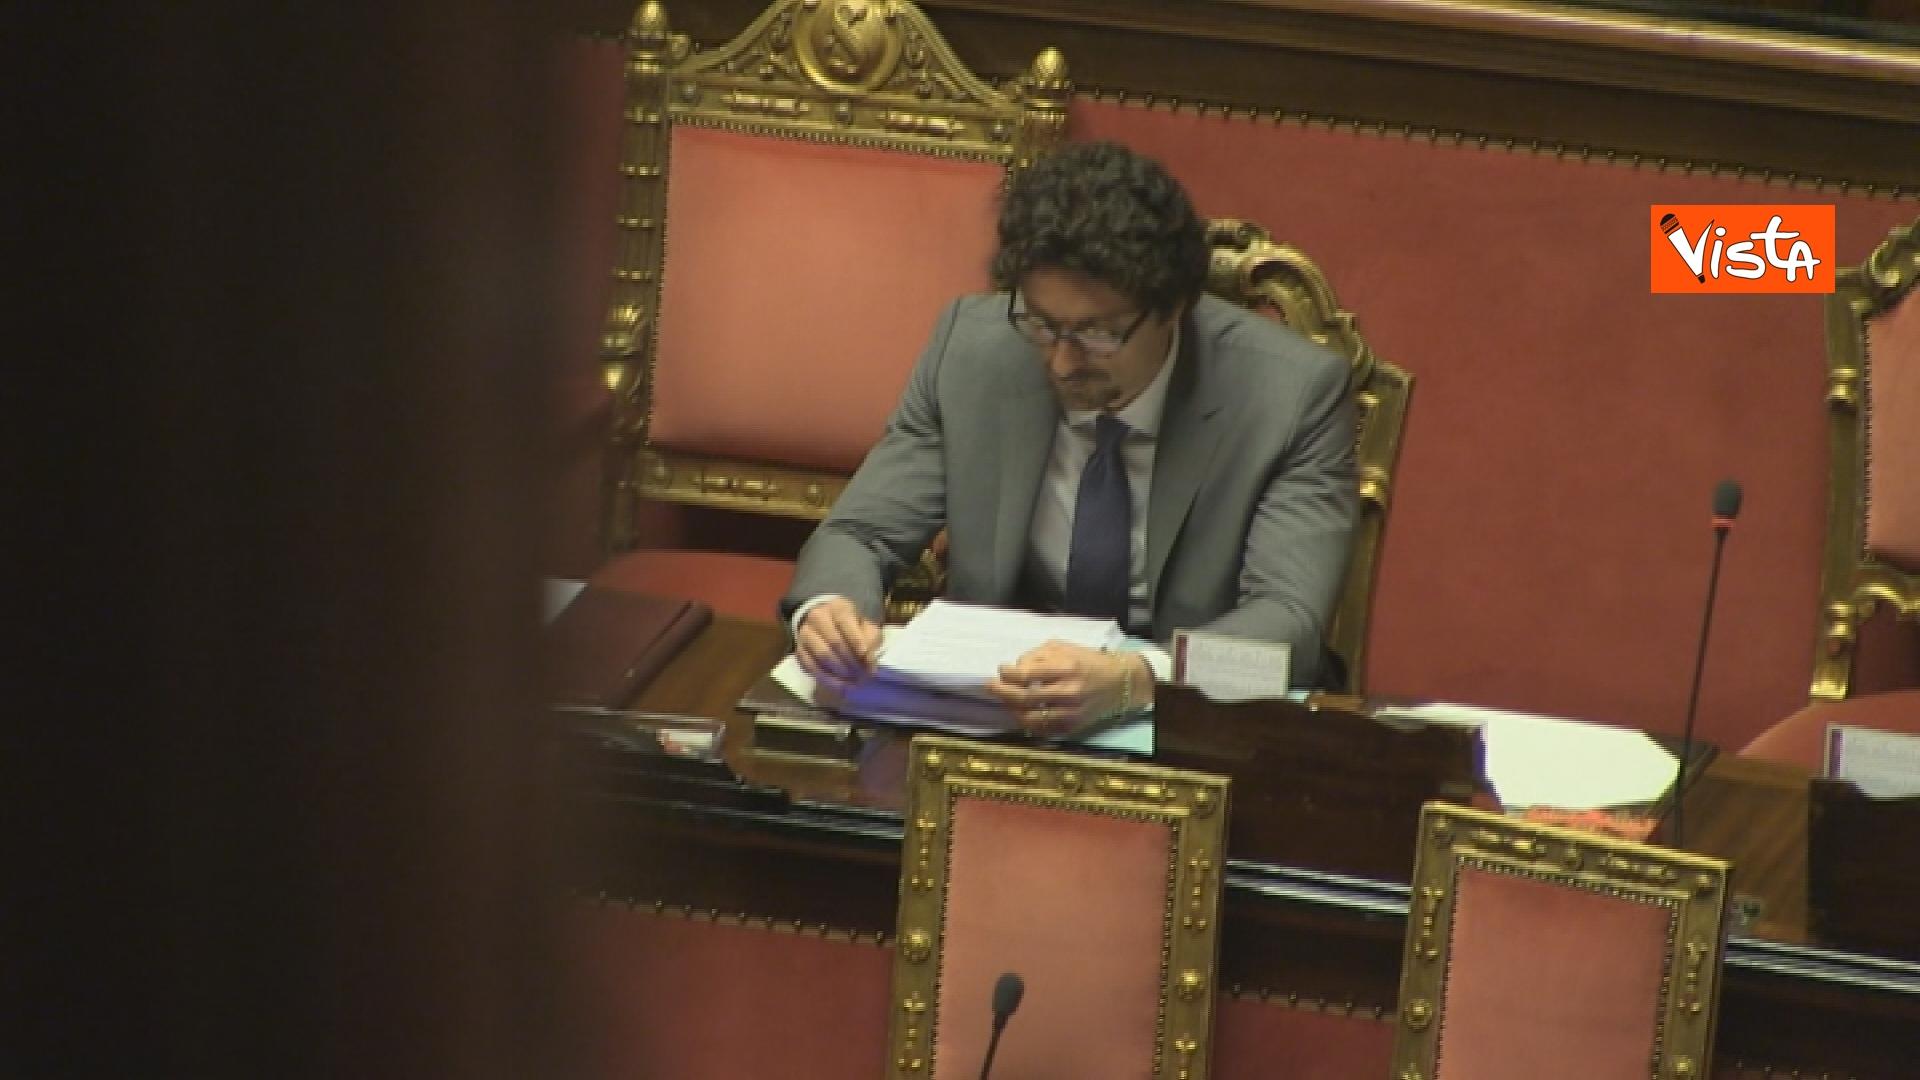 21-03-19 Mozione sfiducia per Toninelli al Senato le immagini dell Aula_il ministro in Aula 07